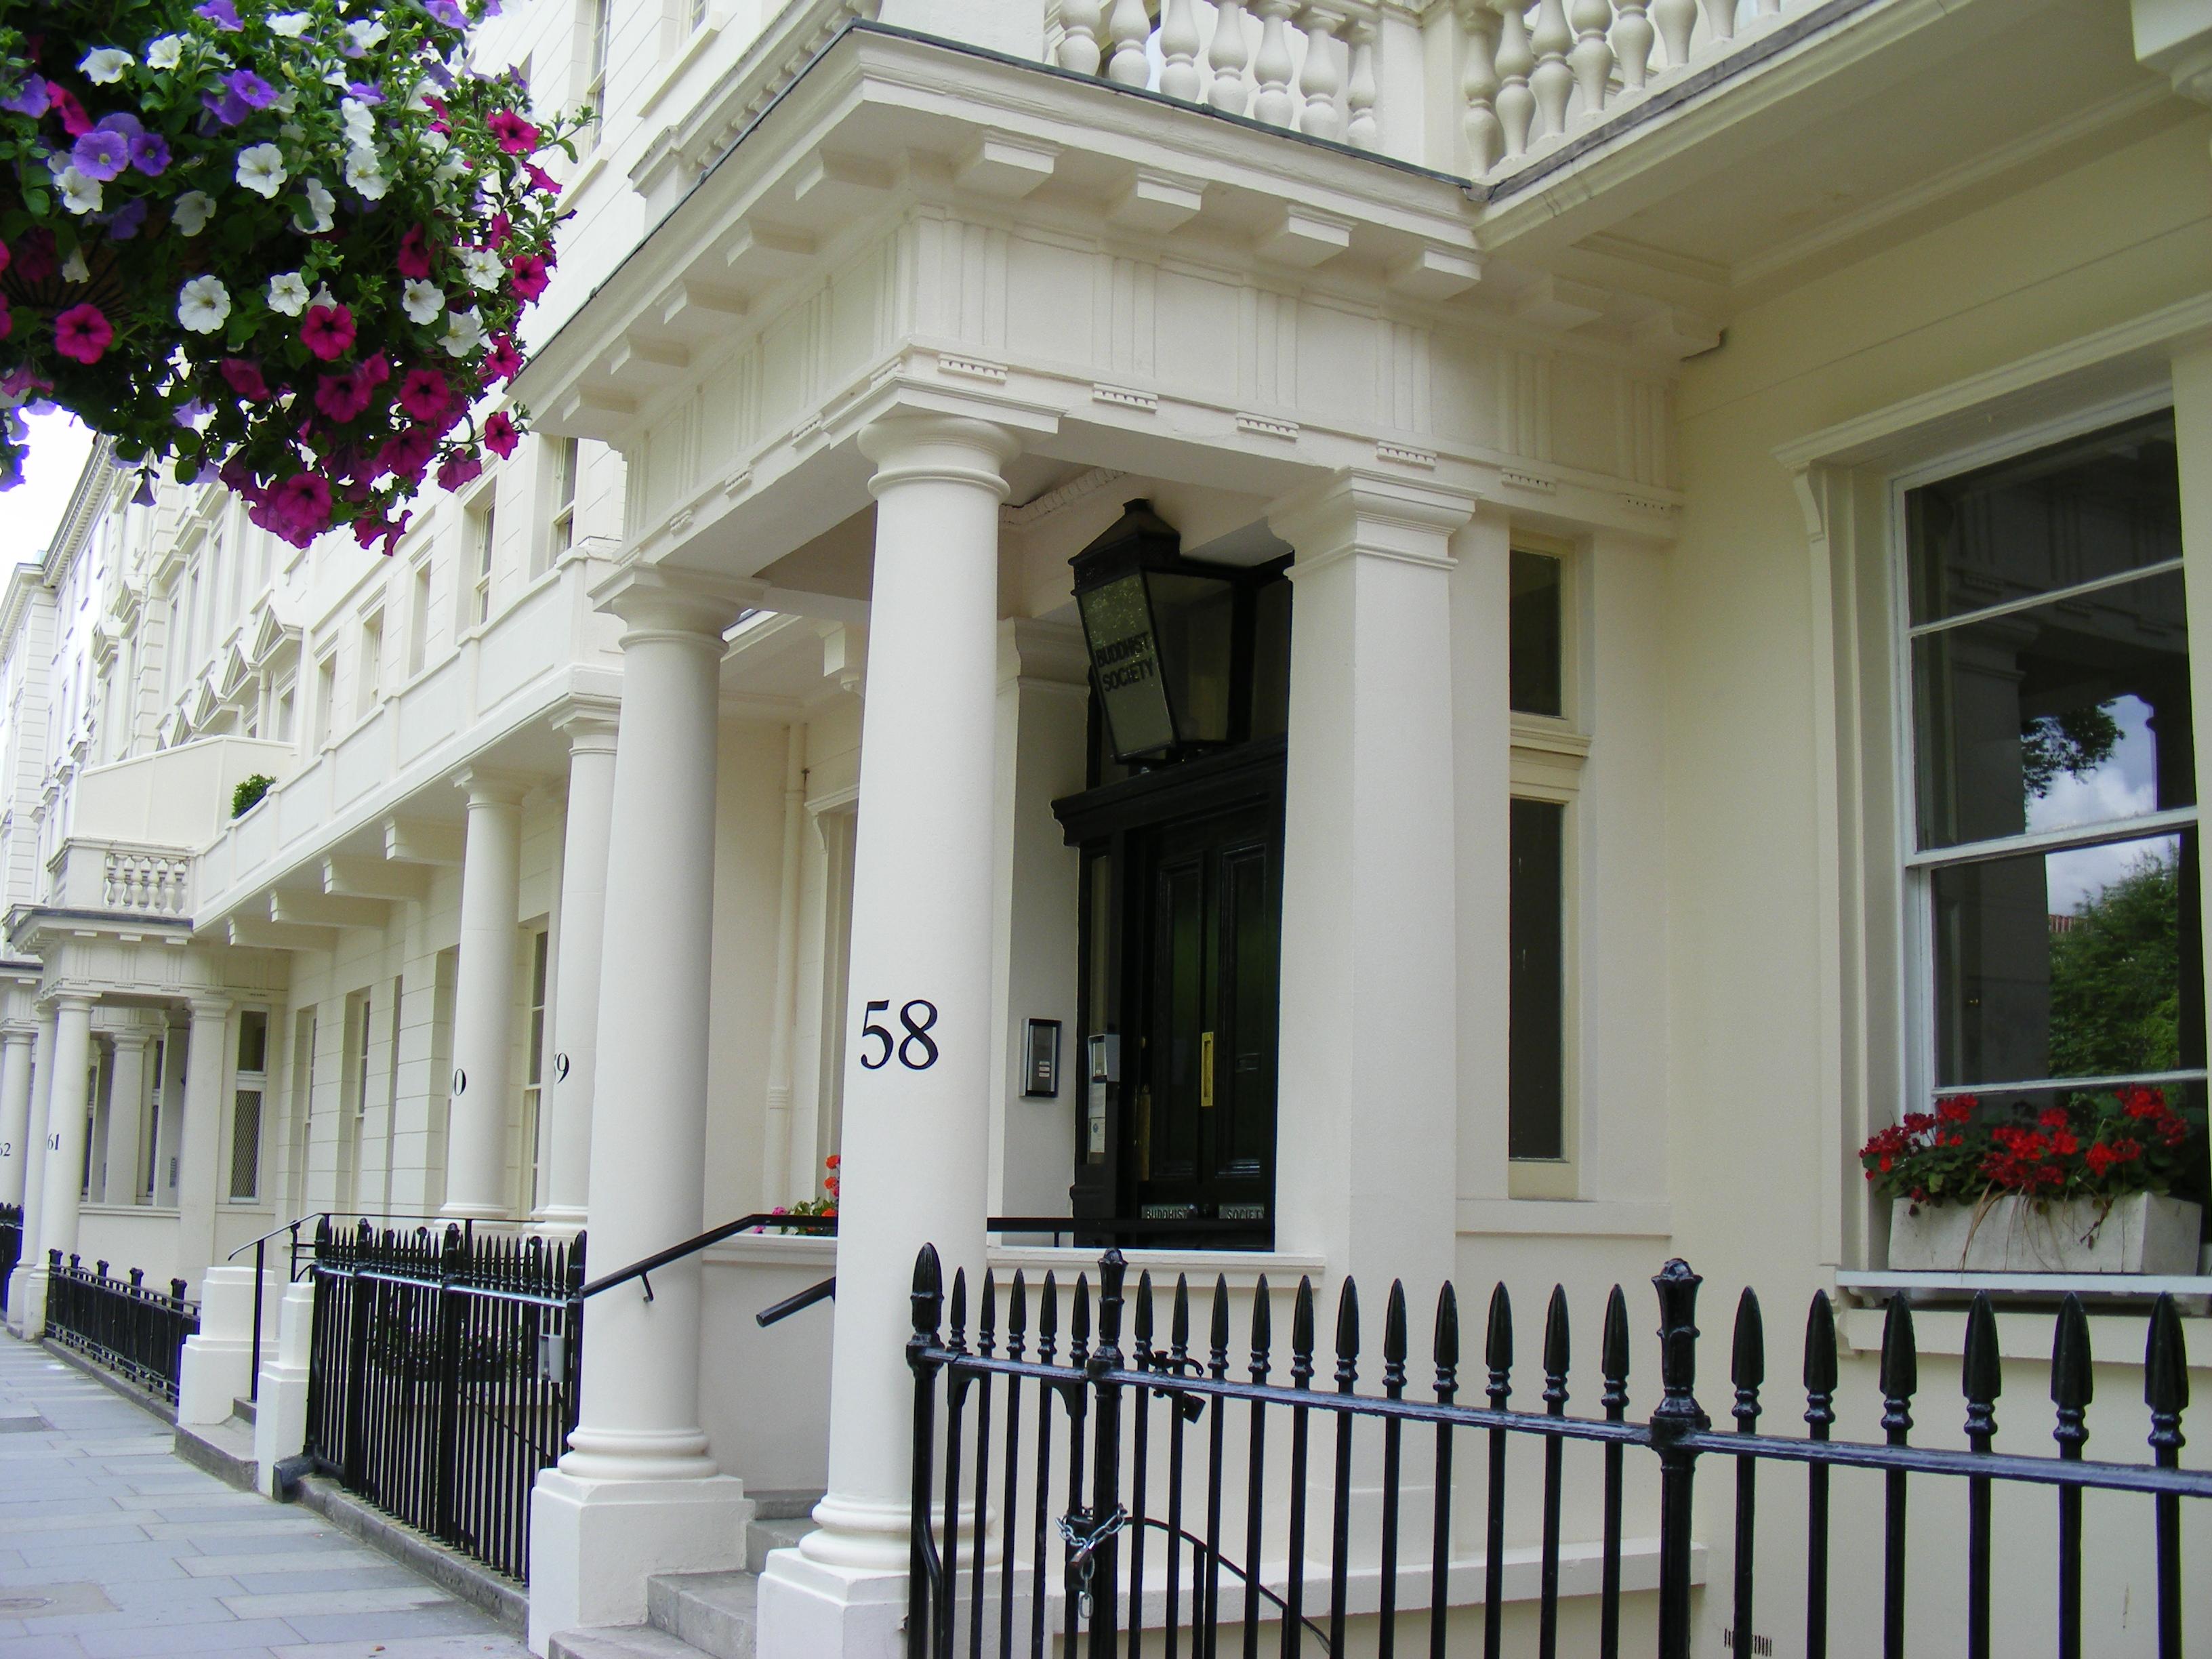 58 Eccleston Square